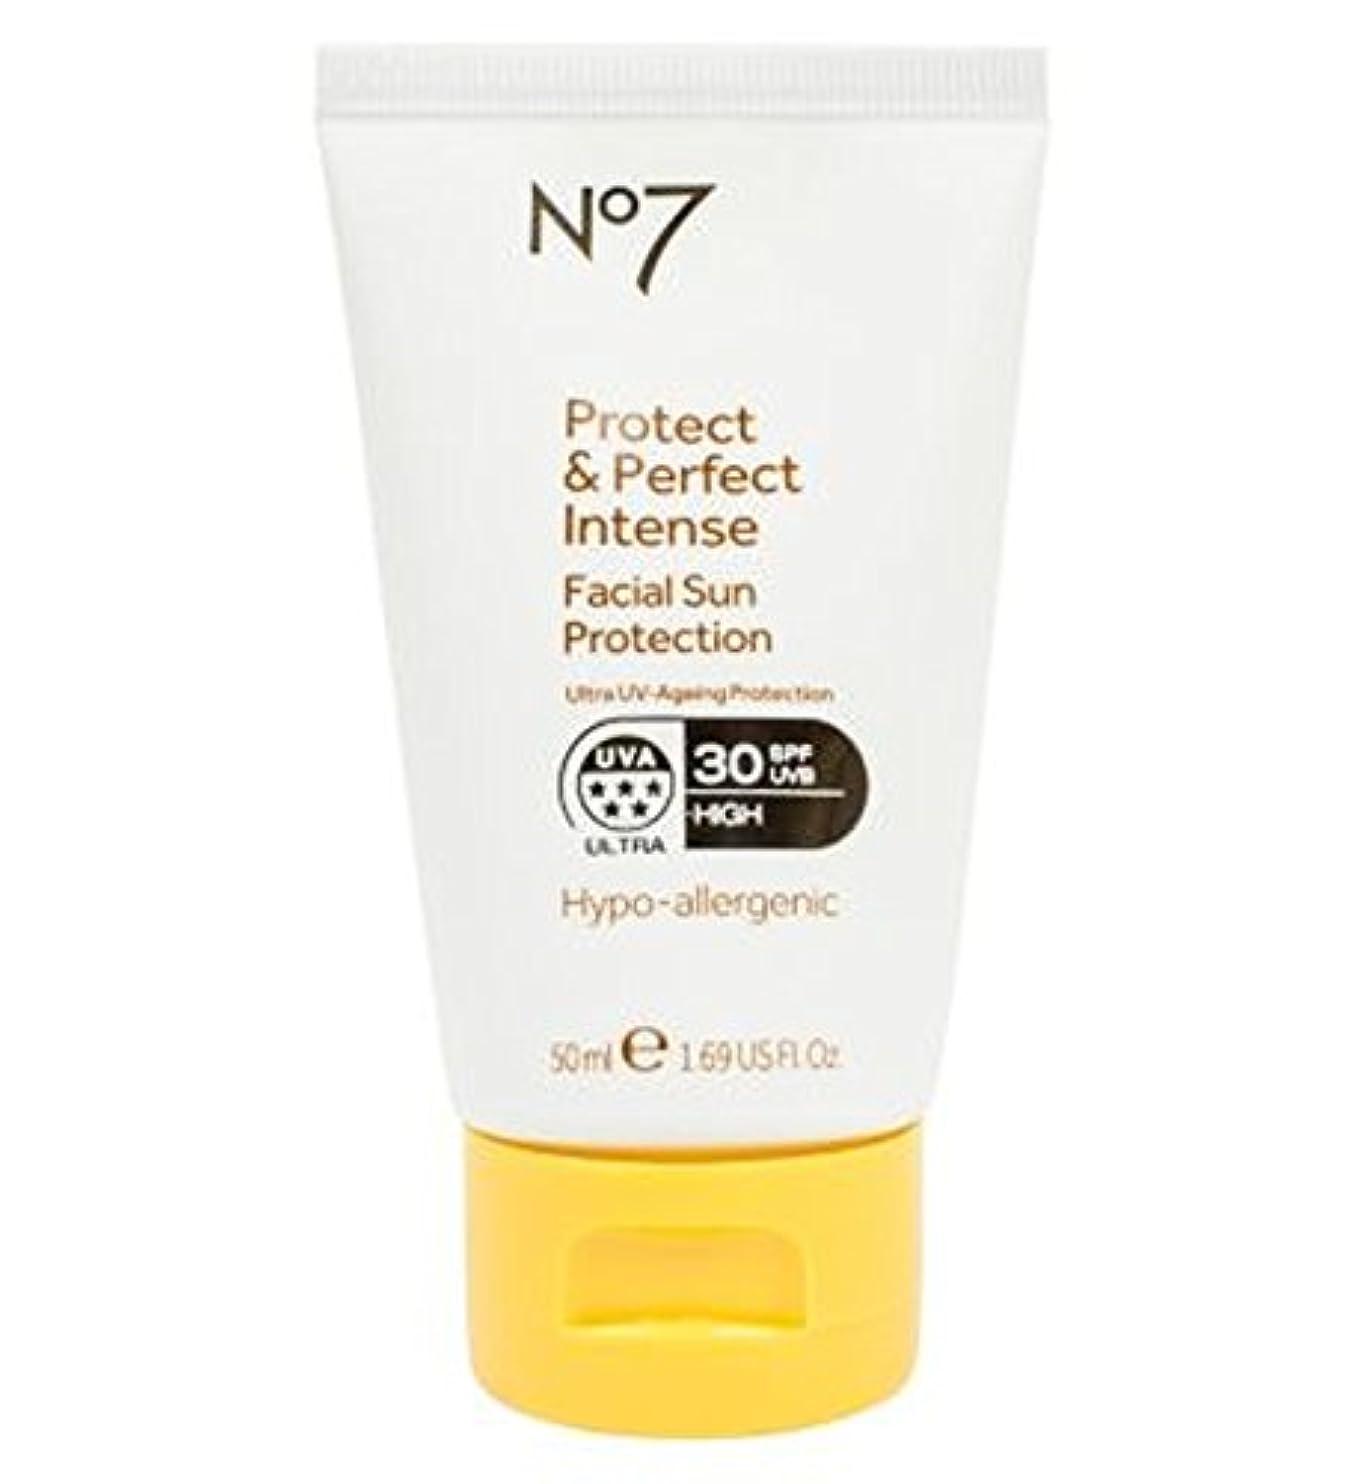 任意裸対角線No7保護&完璧な強烈な顔の日焼け防止Spf 30 50ミリリットル (No7) (x2) - No7 Protect & Perfect Intense Facial Sun Protection SPF 30 50ml...